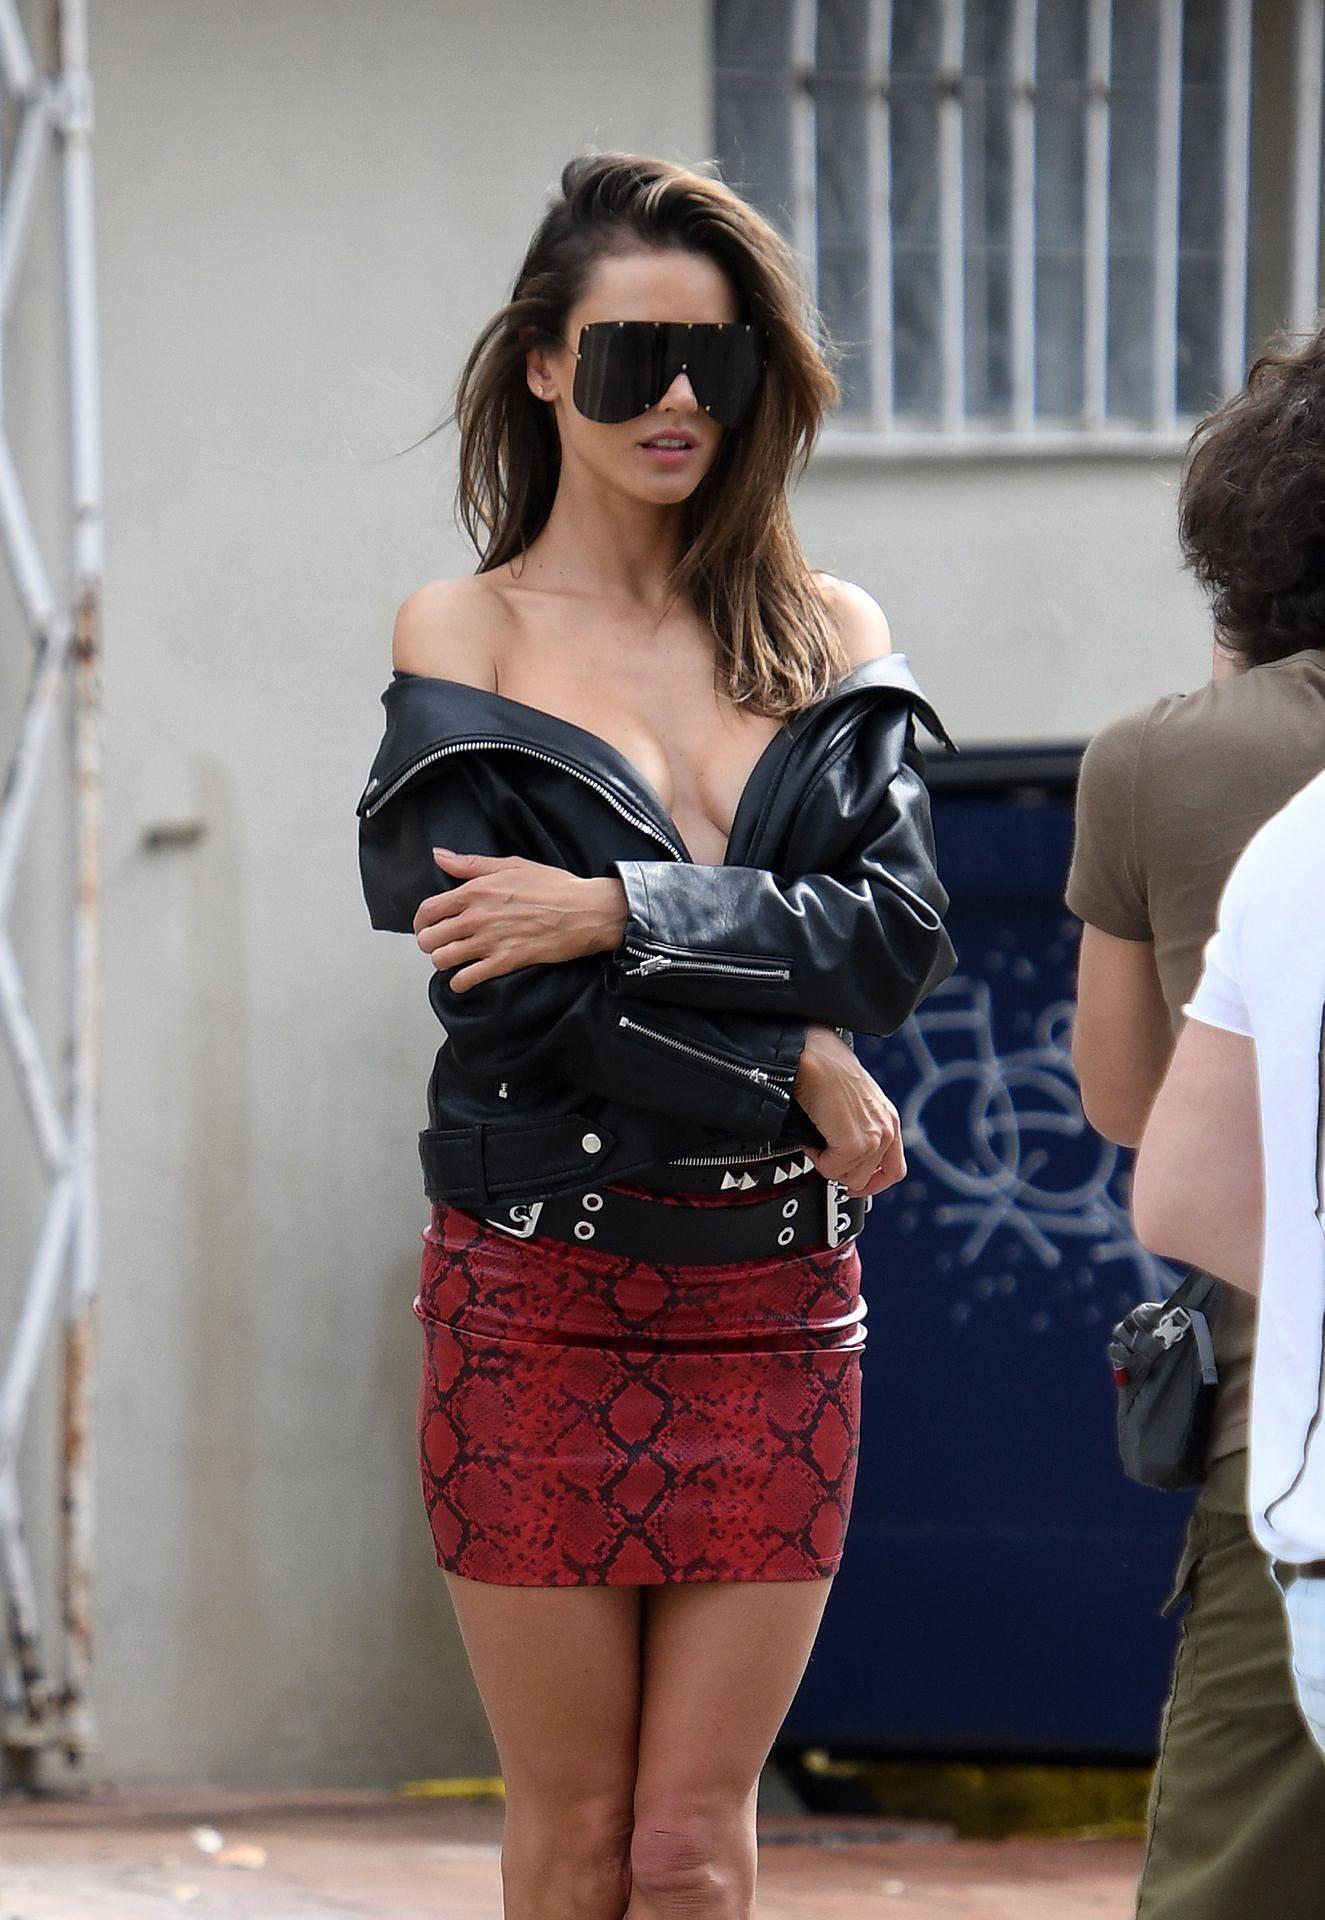 Hậu trường chụp ảnh nóng bỏng của siêu mẫu Alessandra Ambrosio Ảnh 9